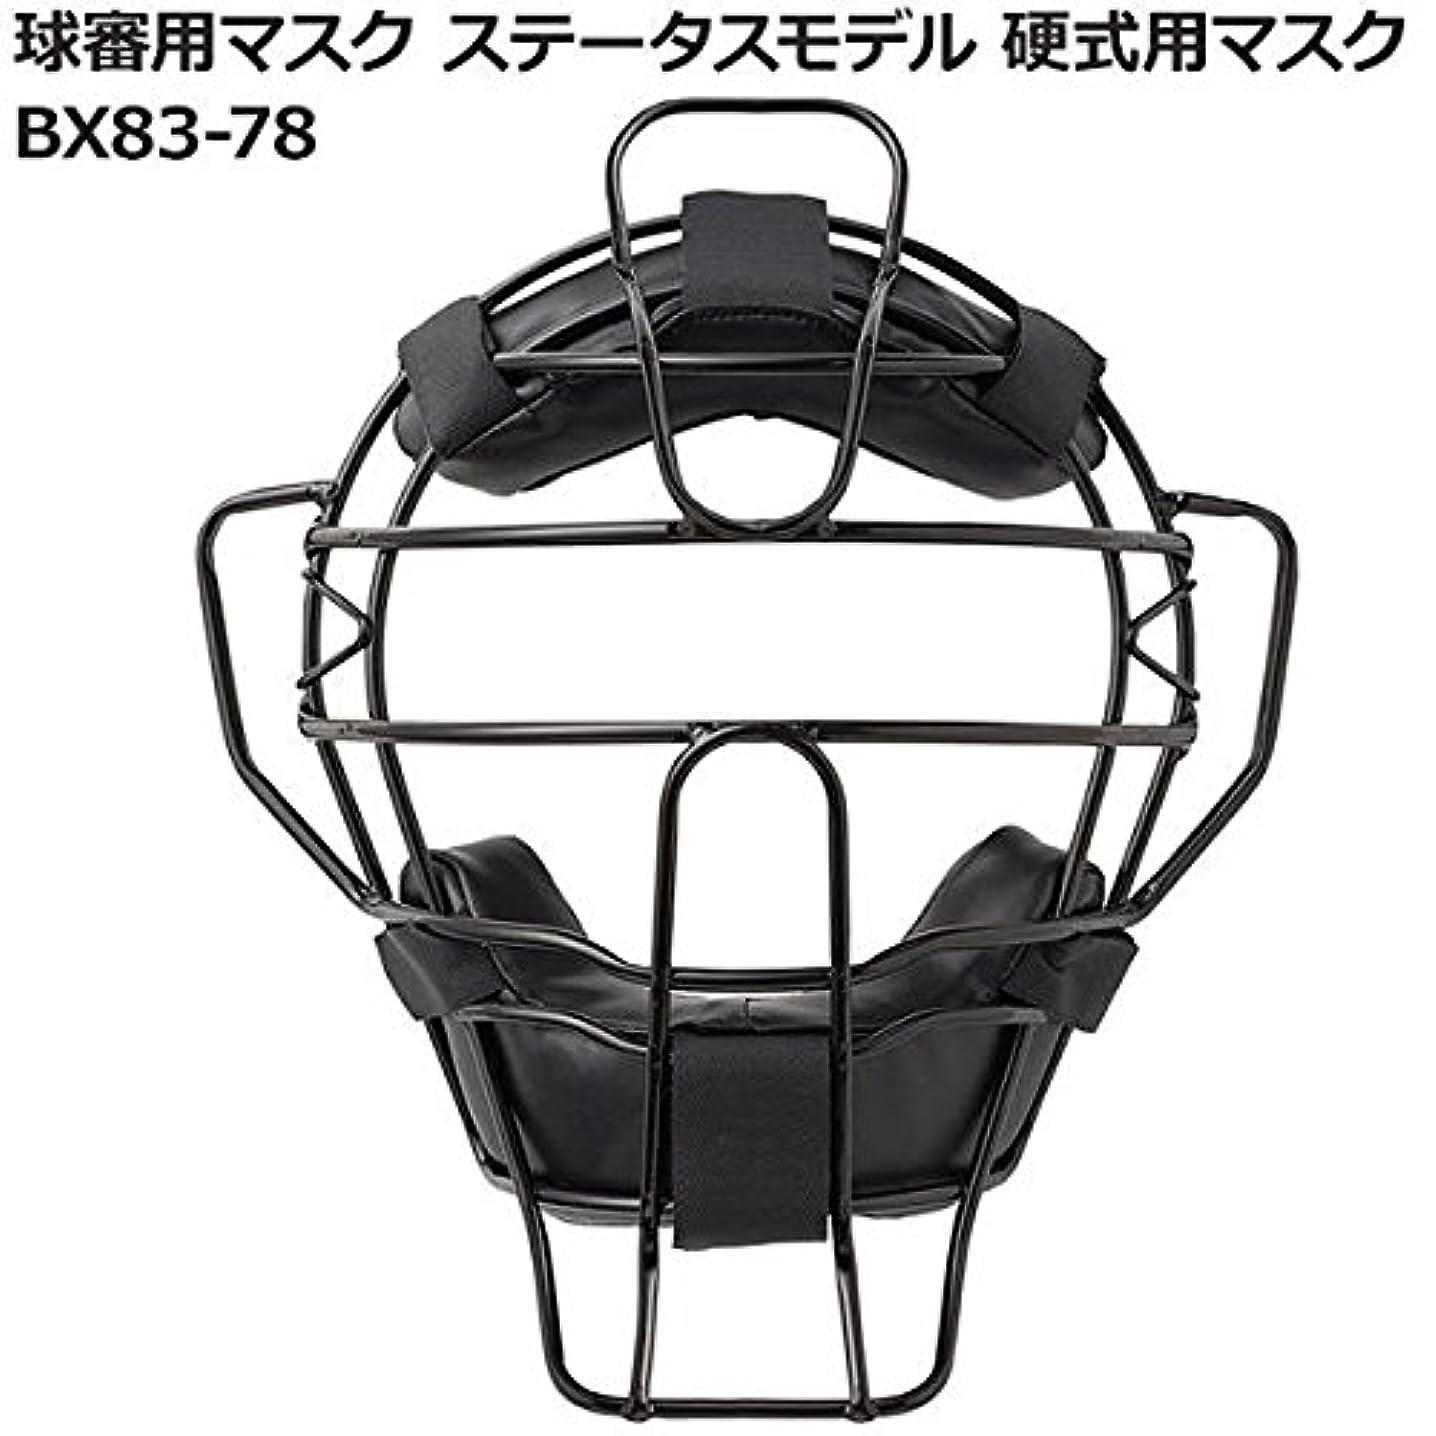 家禽控えるスープ球審用マスク ステータスモデル 硬式用マスク BX83-78